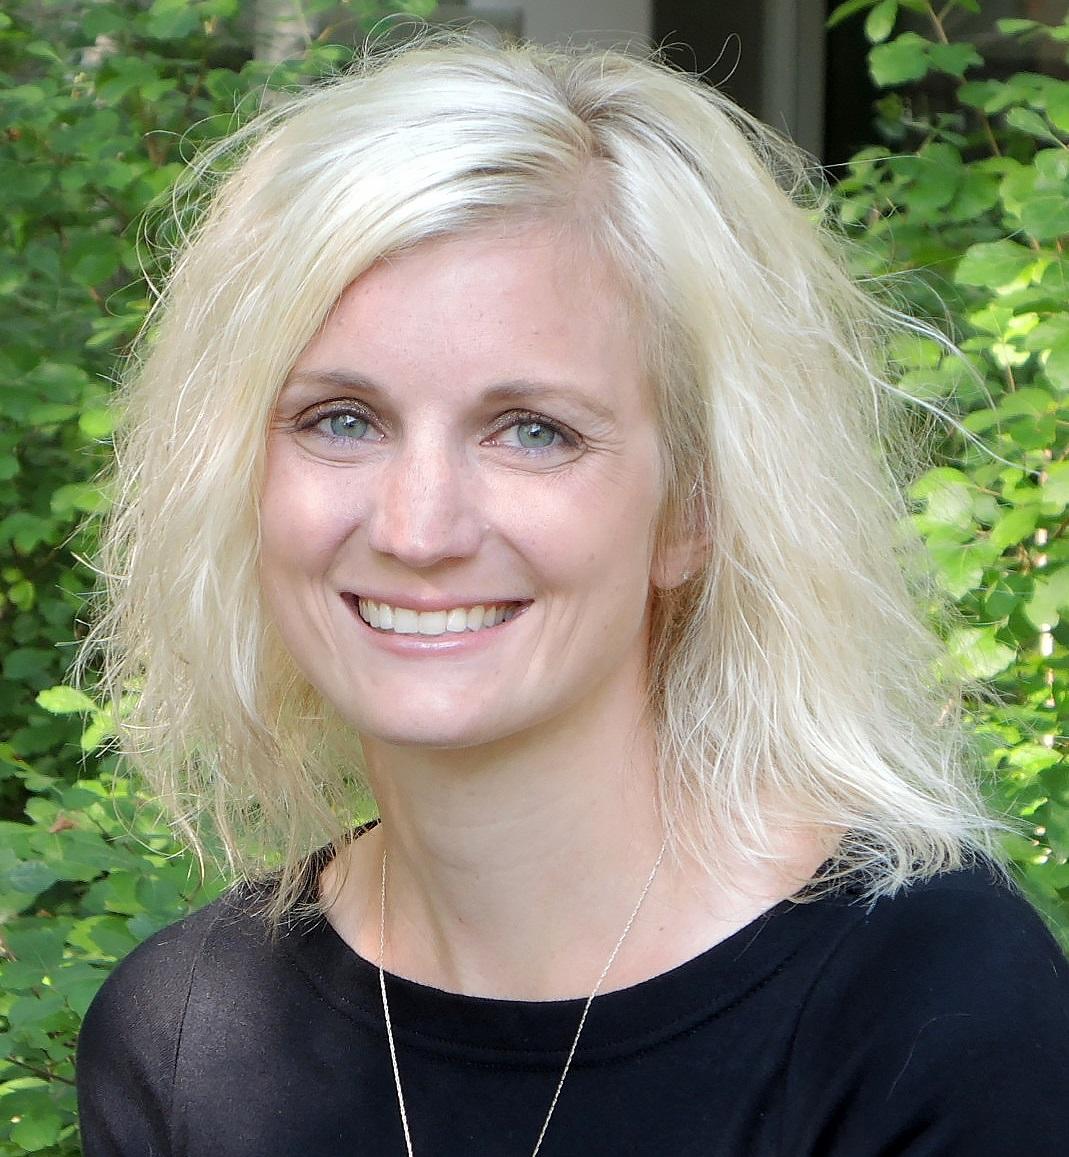 Sarah Evilsizer, BSN, RN